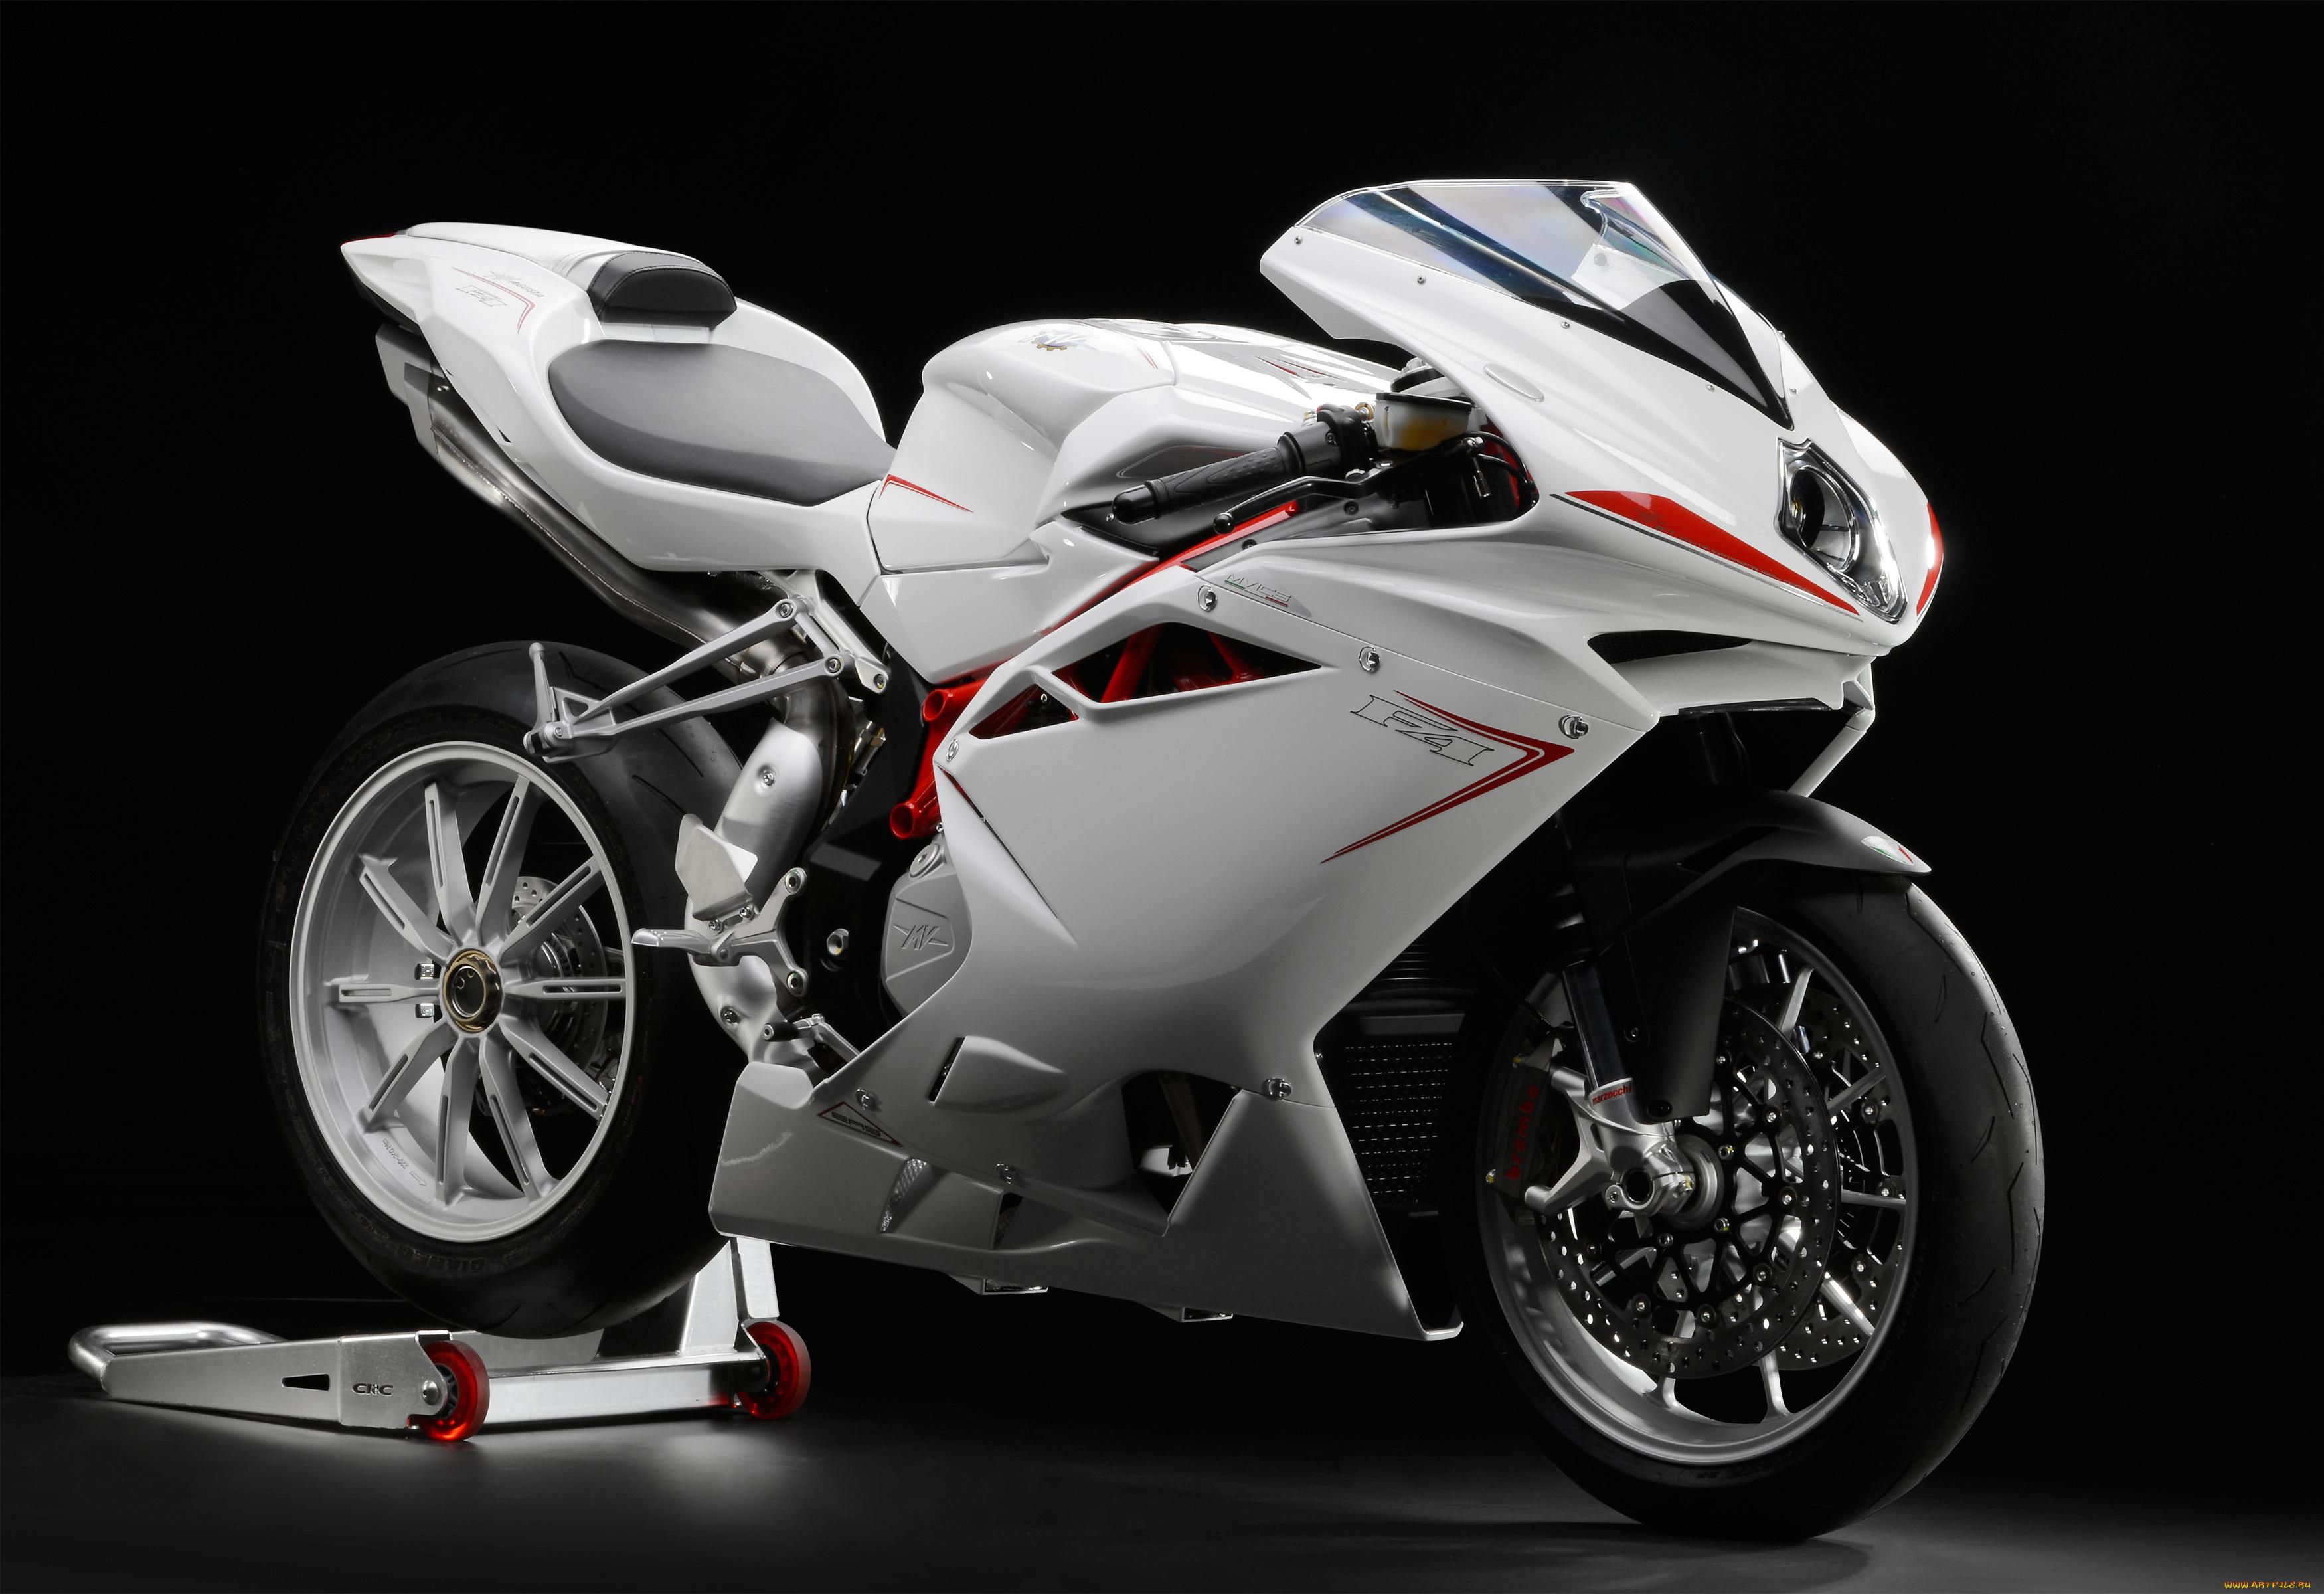 мотоцикл красный mv agusta f4 rr corsa corte скачать